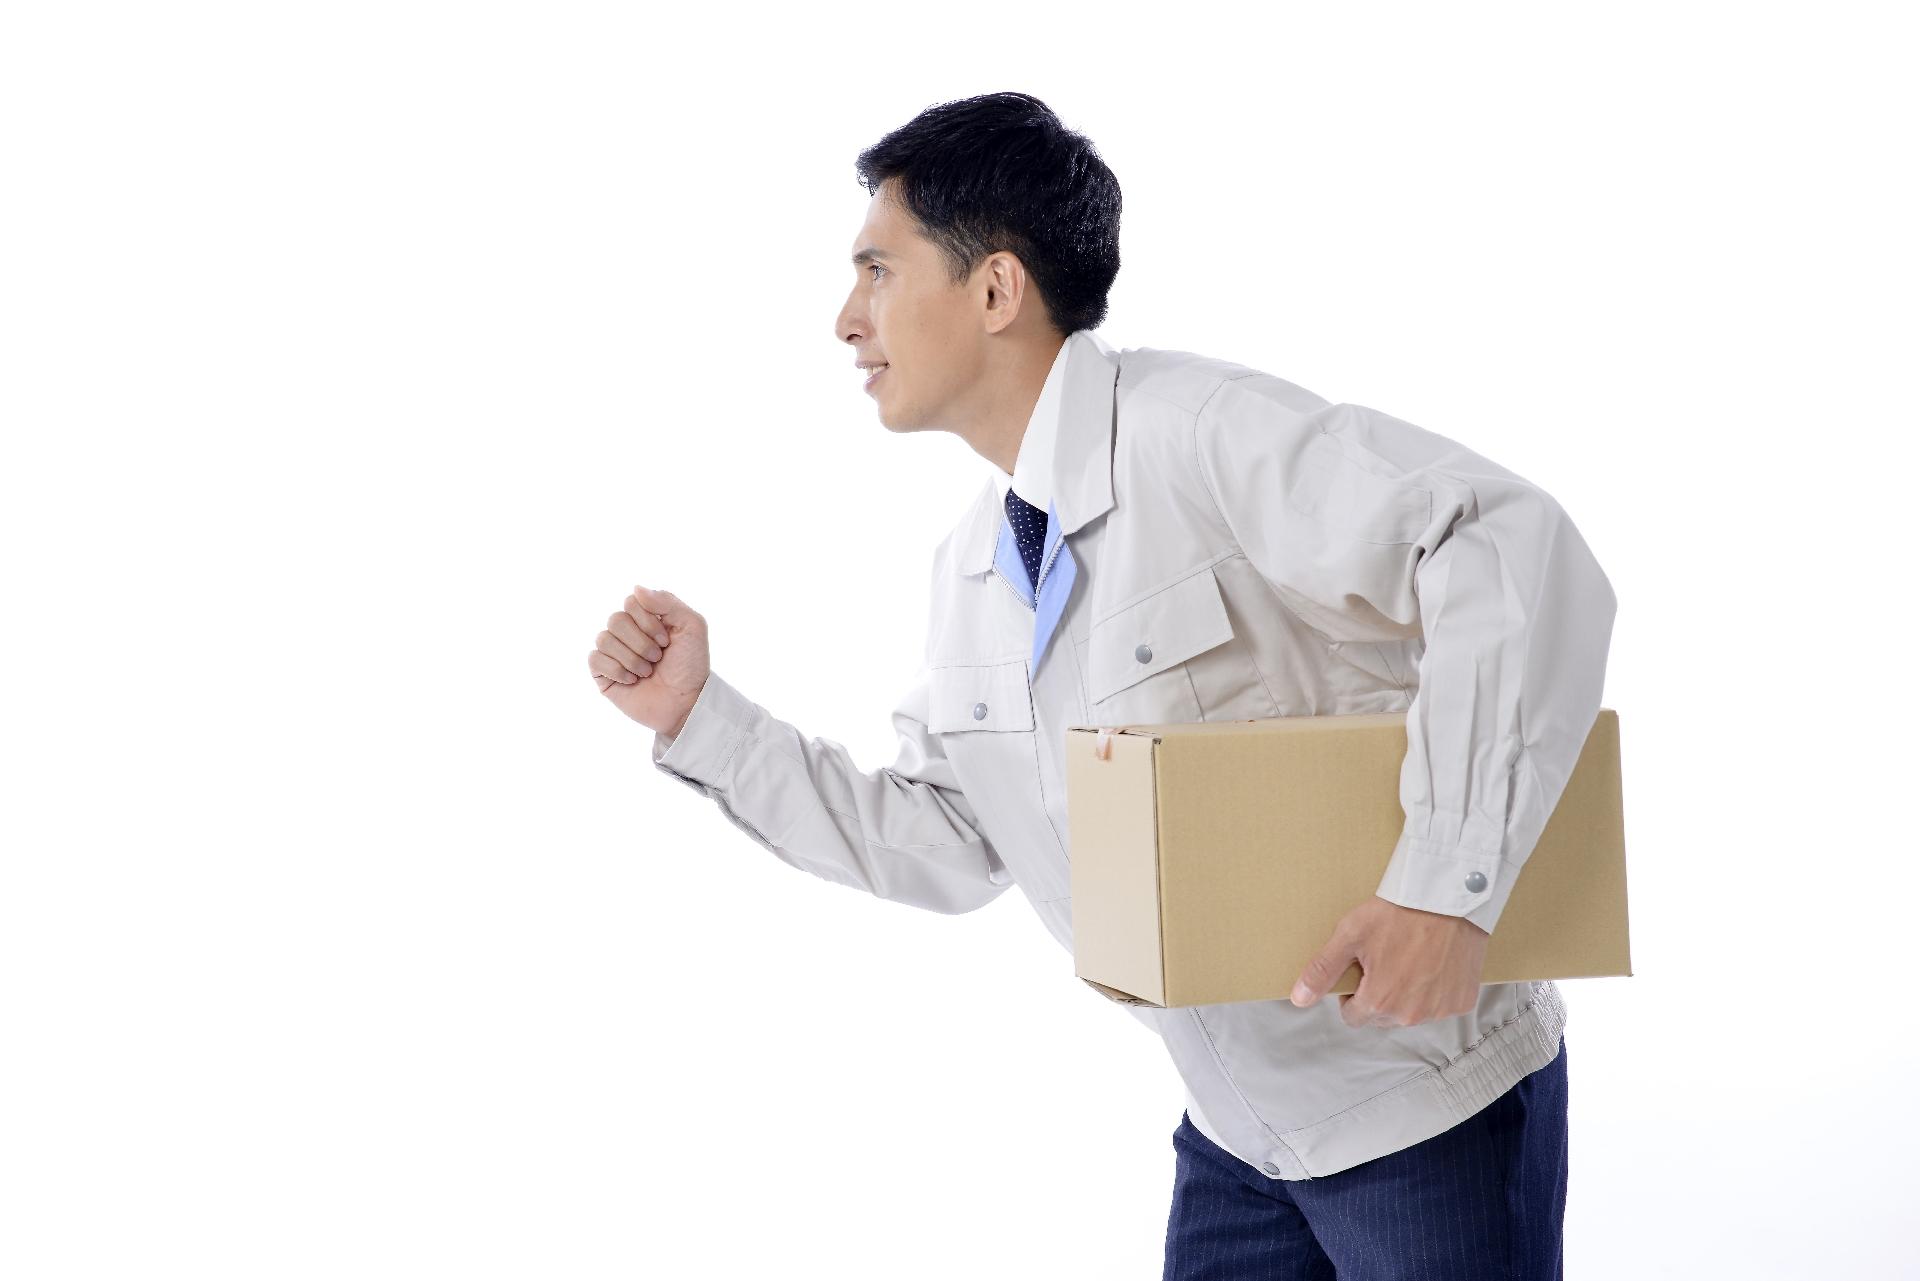 Amazonが注文を受ける前に商品発送してしまう仕組み